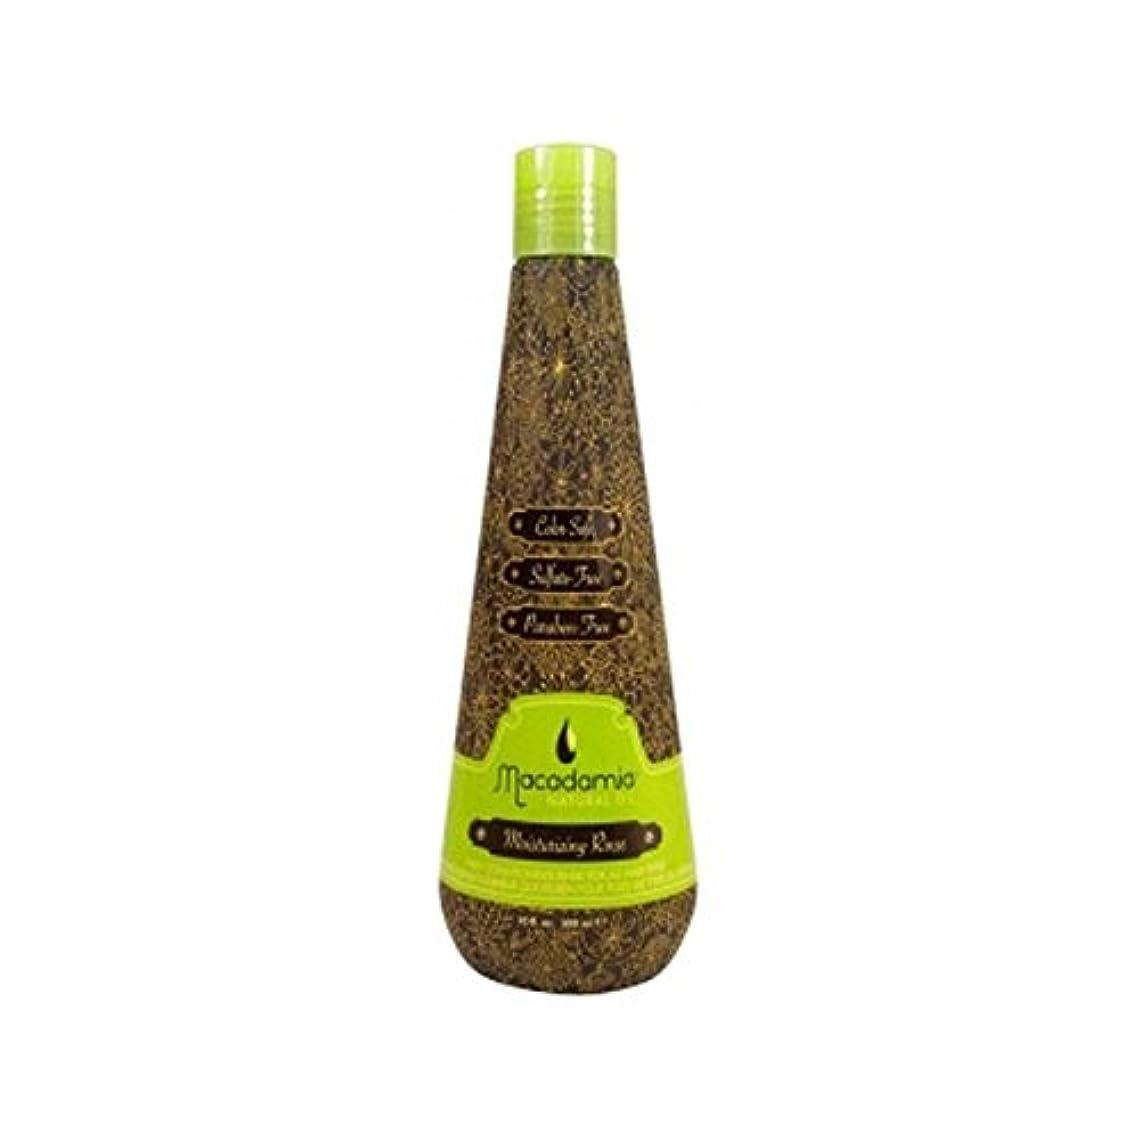 思いやりのある適切な否認するMacadamia Moisturising Rinse (300ml) - マカダミア保湿リンス(300ミリリットル) [並行輸入品]